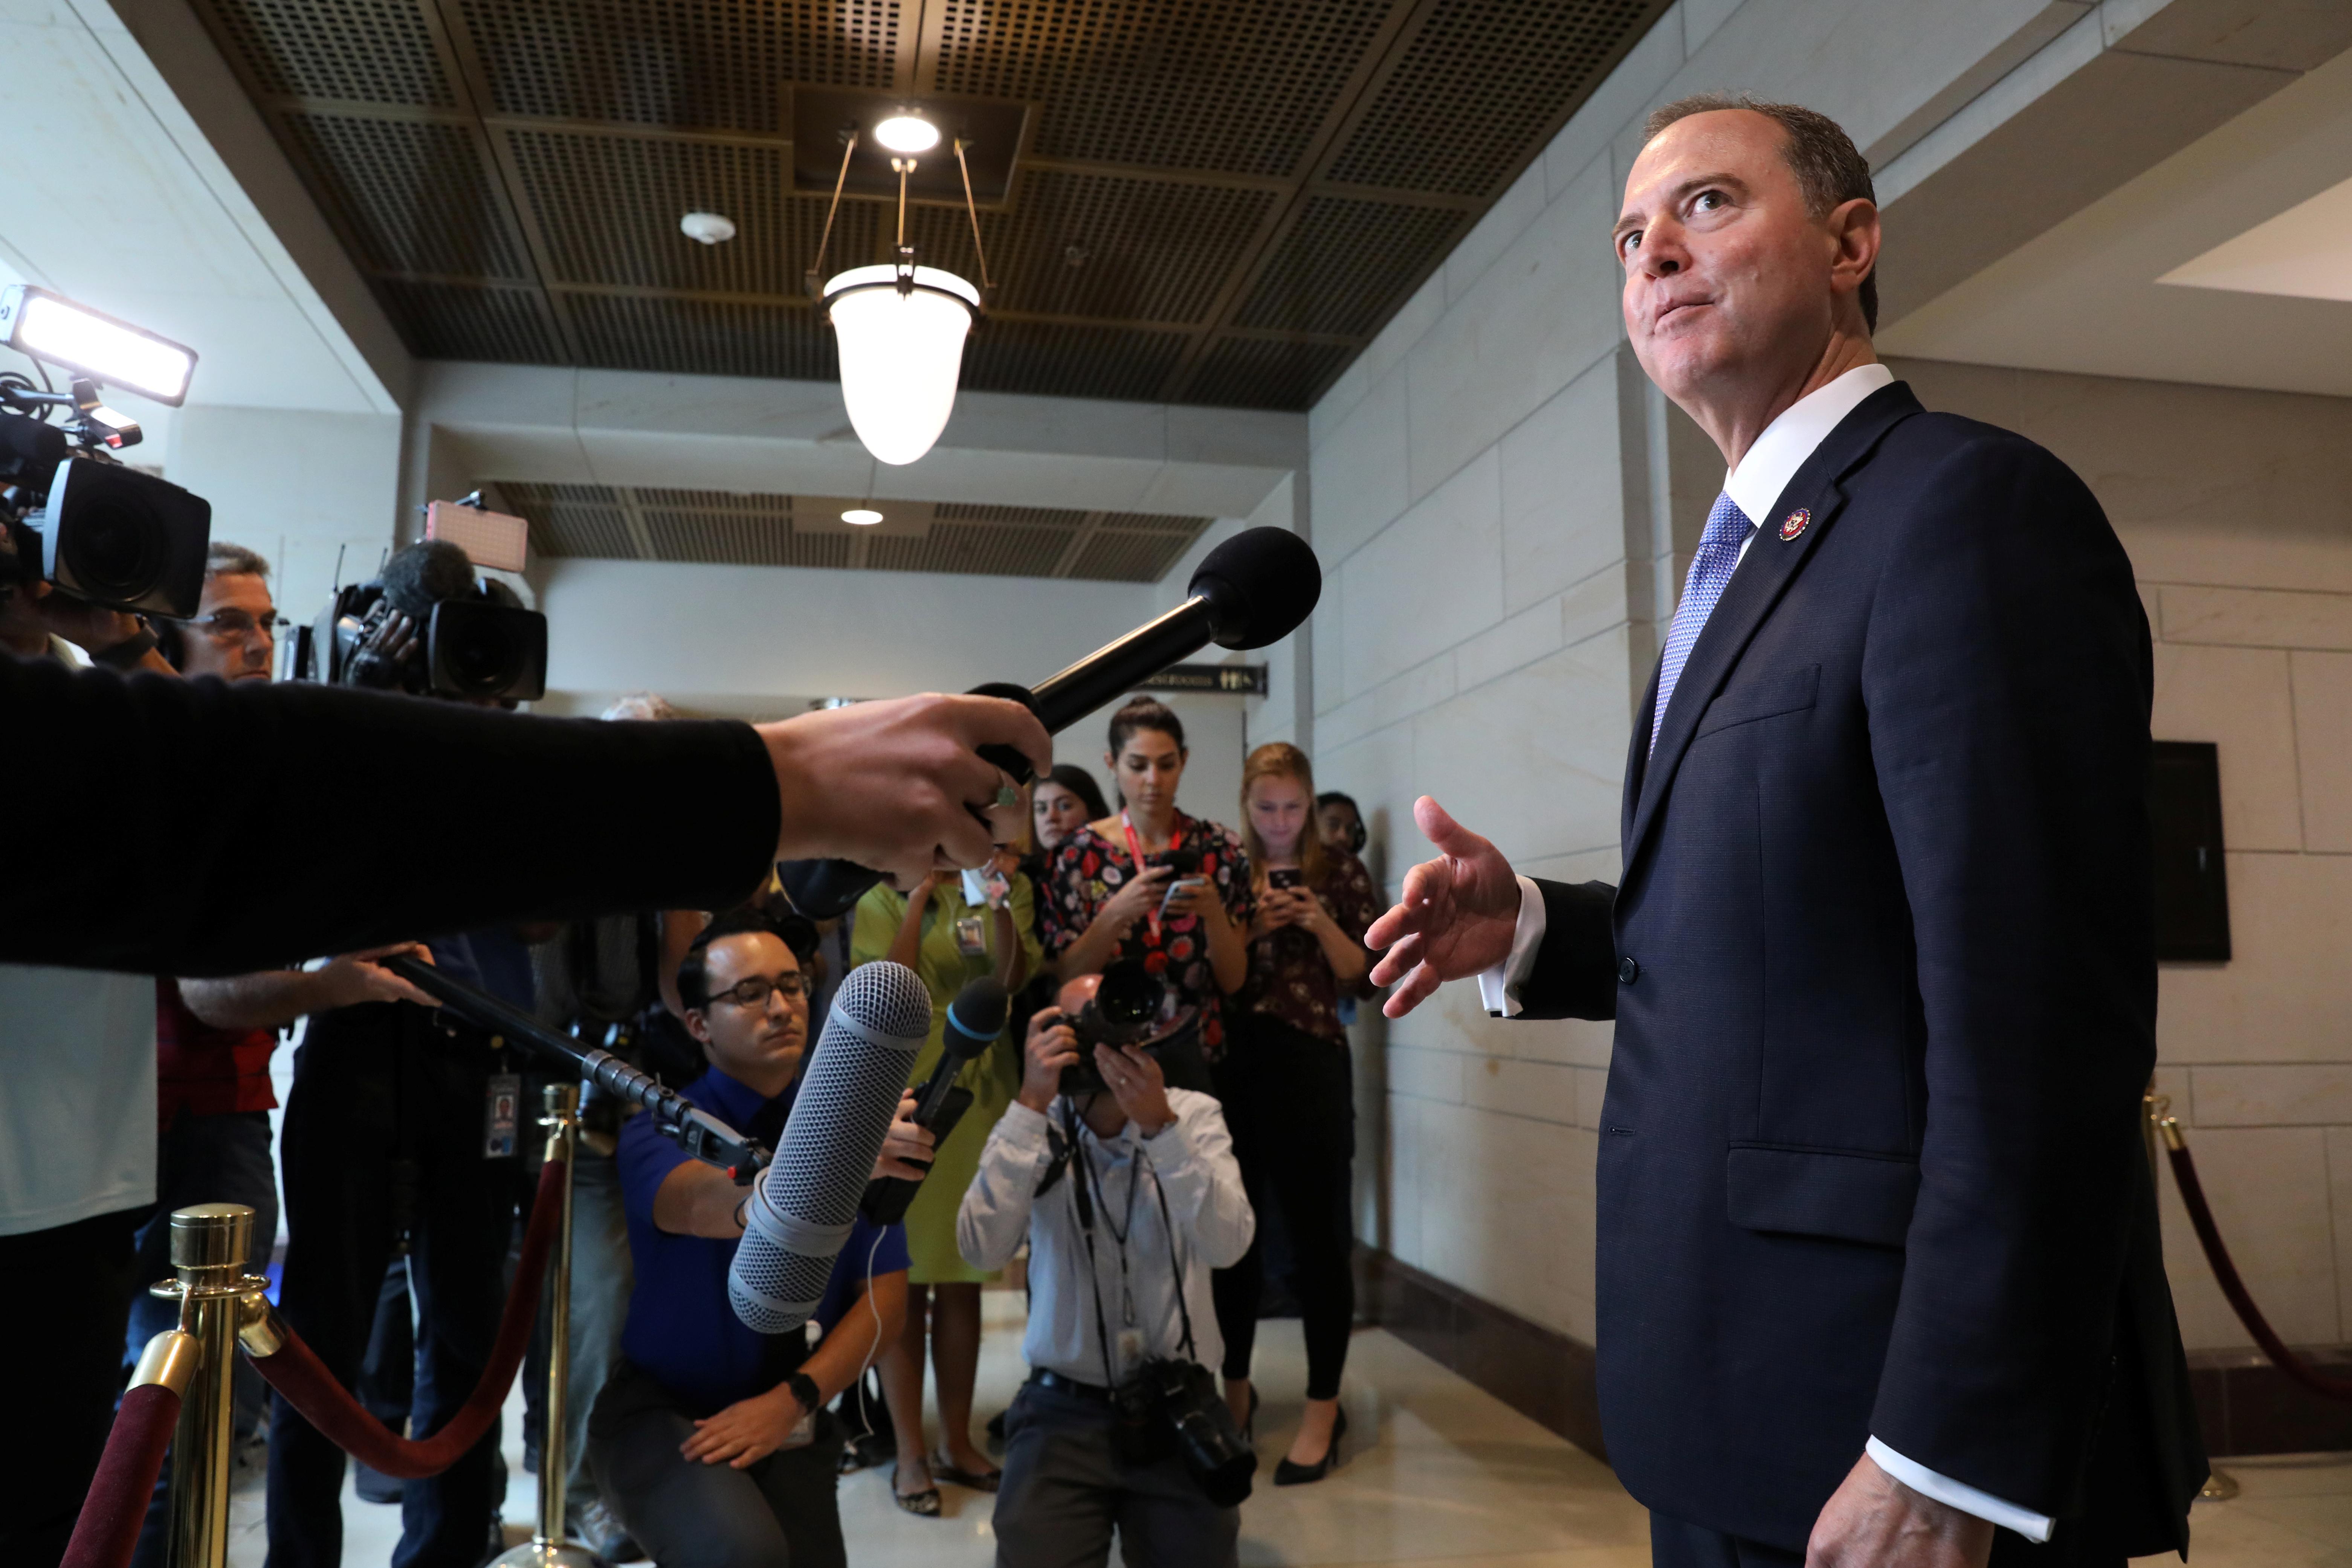 Οι Ρεπουμπλικάνοι στοχοποιούν τον Σιφ που πρωτοστατεί στην έρευνα παραπομπής του Τραμπ